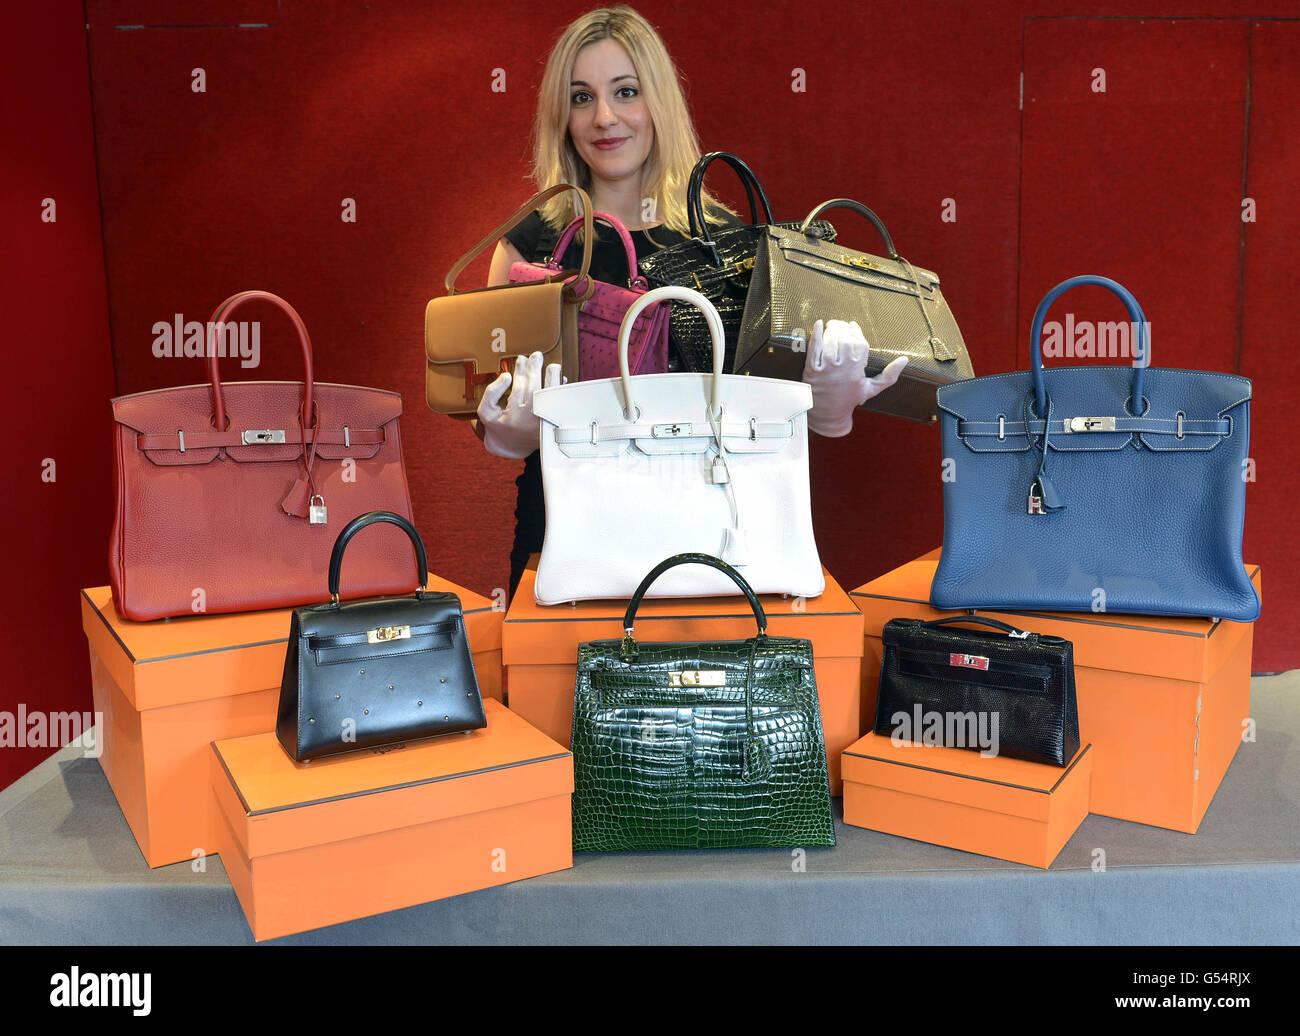 Miembro del personal de Bonhams, con una selección de sesenta y cuatro bolsas Hermes de una colección privada, que se subastarán en Bonhams, Knightsbridge, el 16 de mayo. Foto de stock